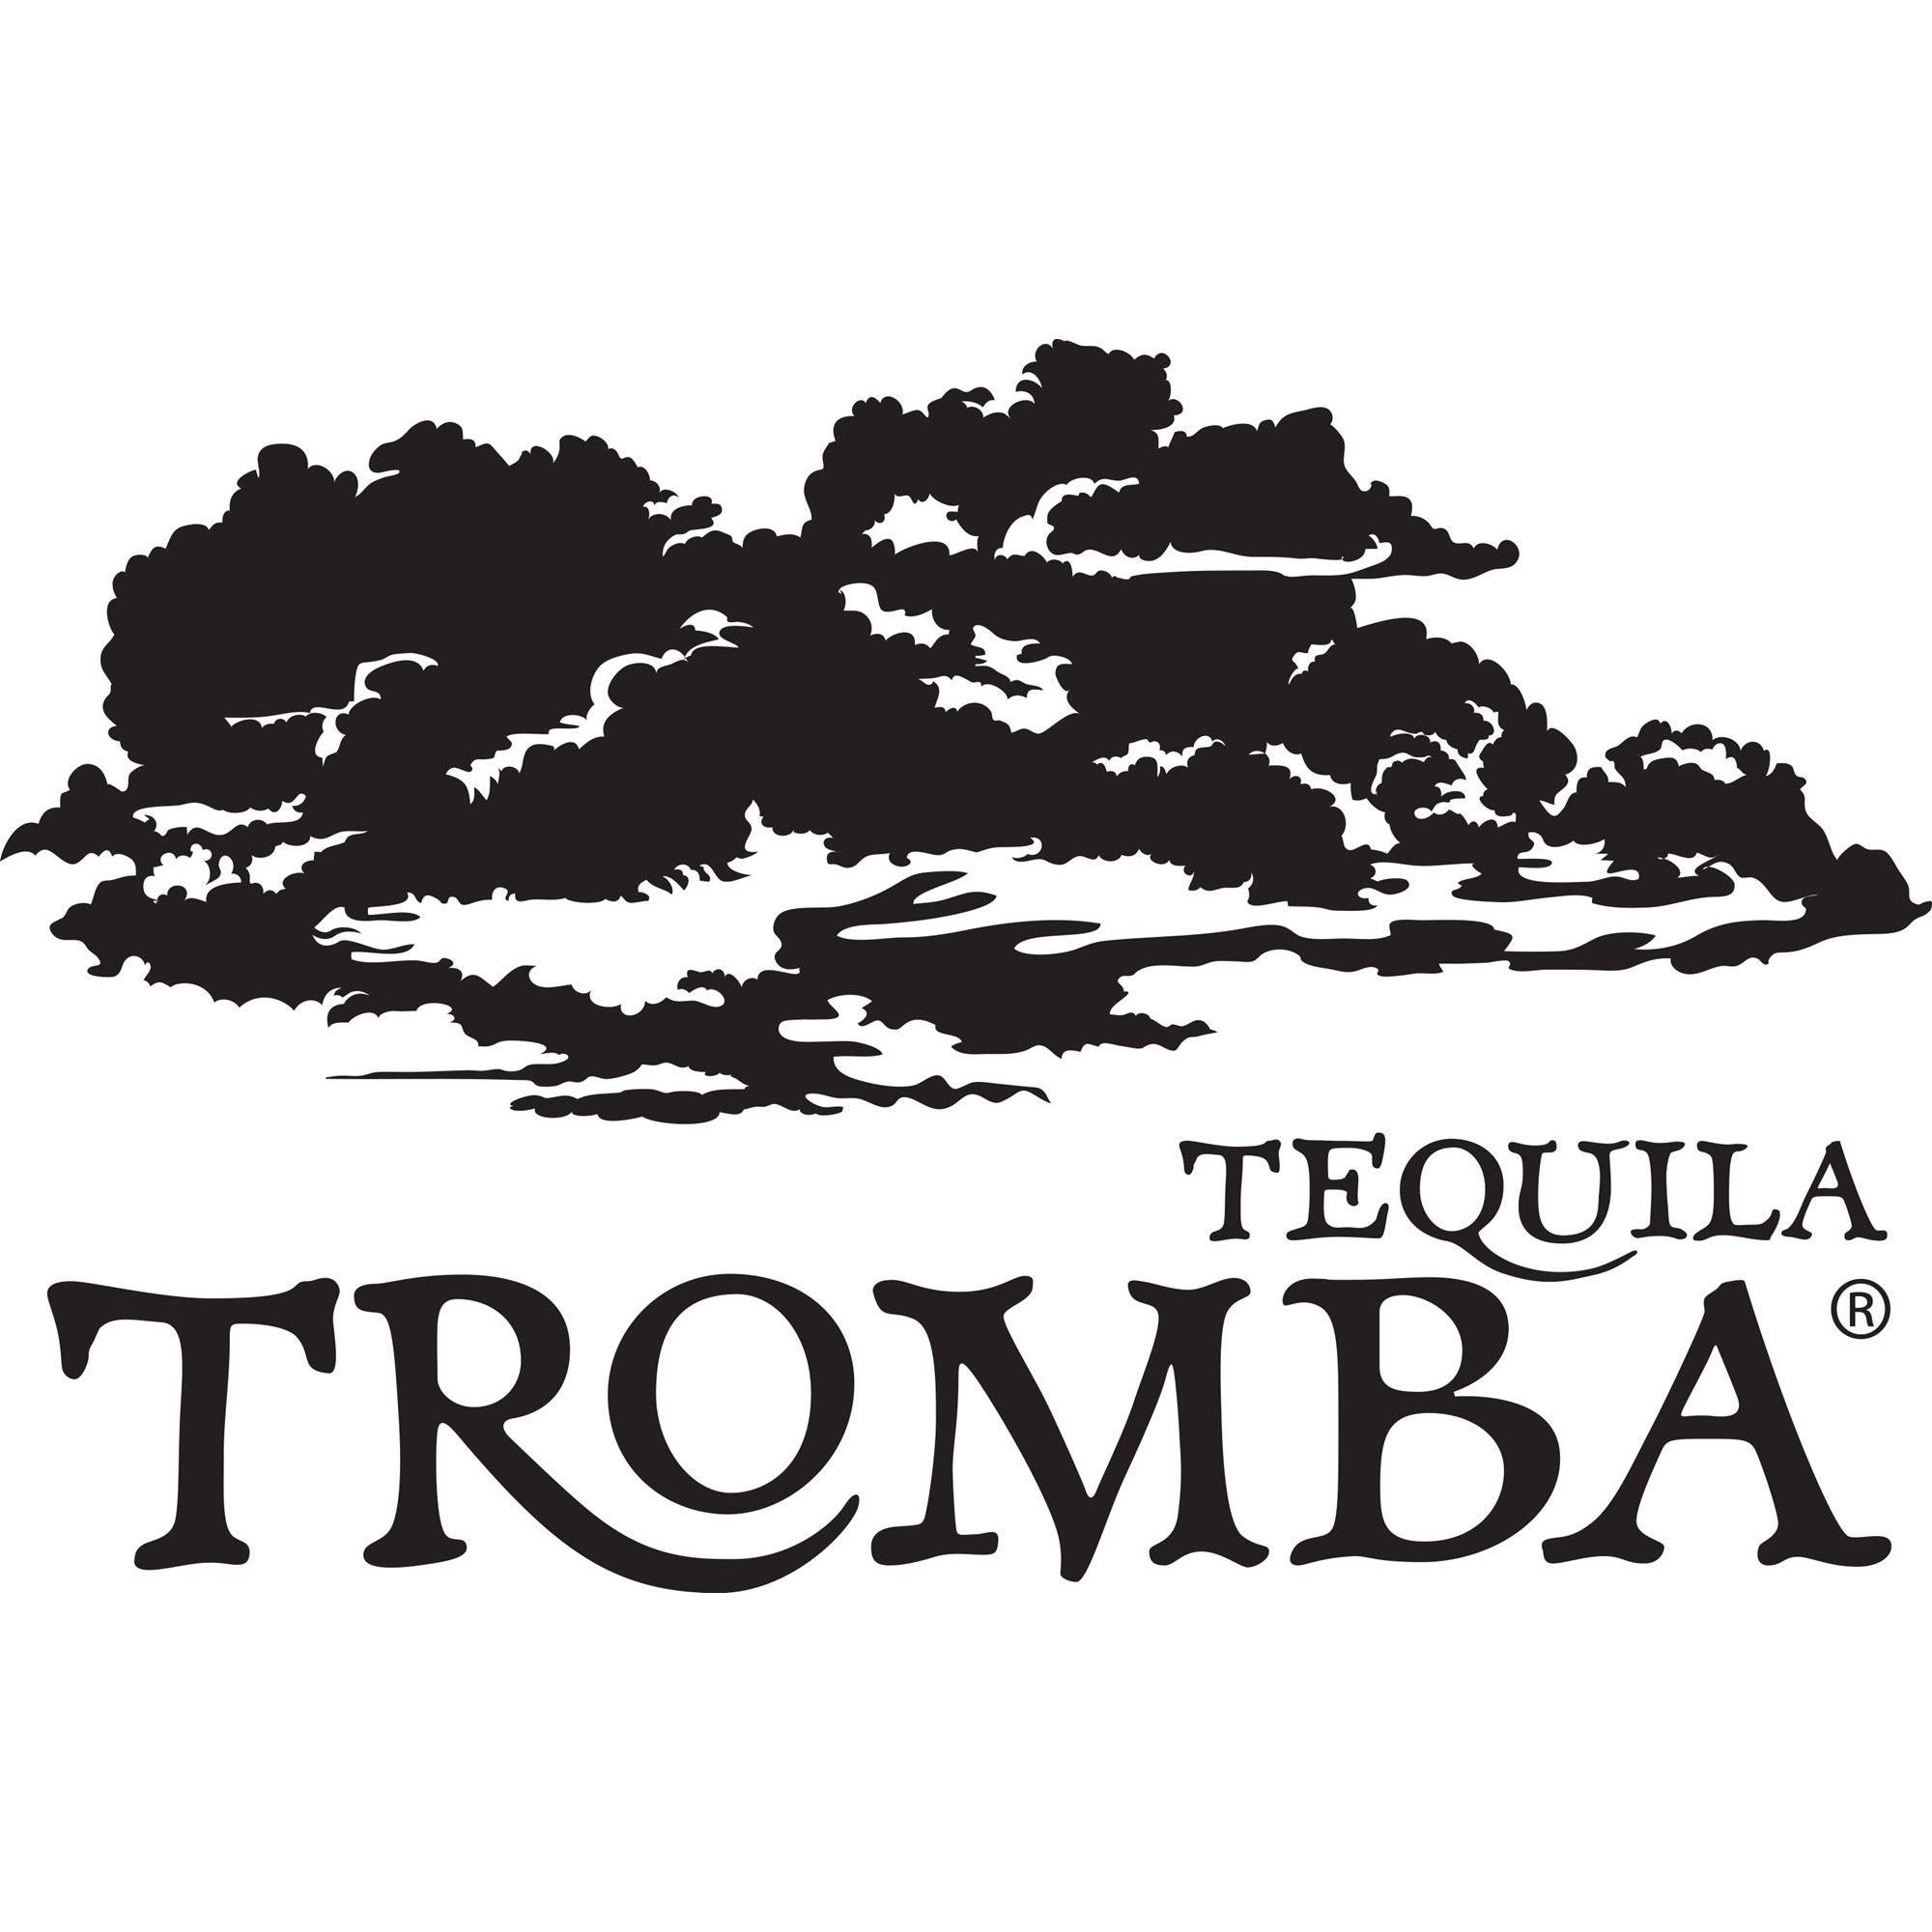 Tromba Tequila